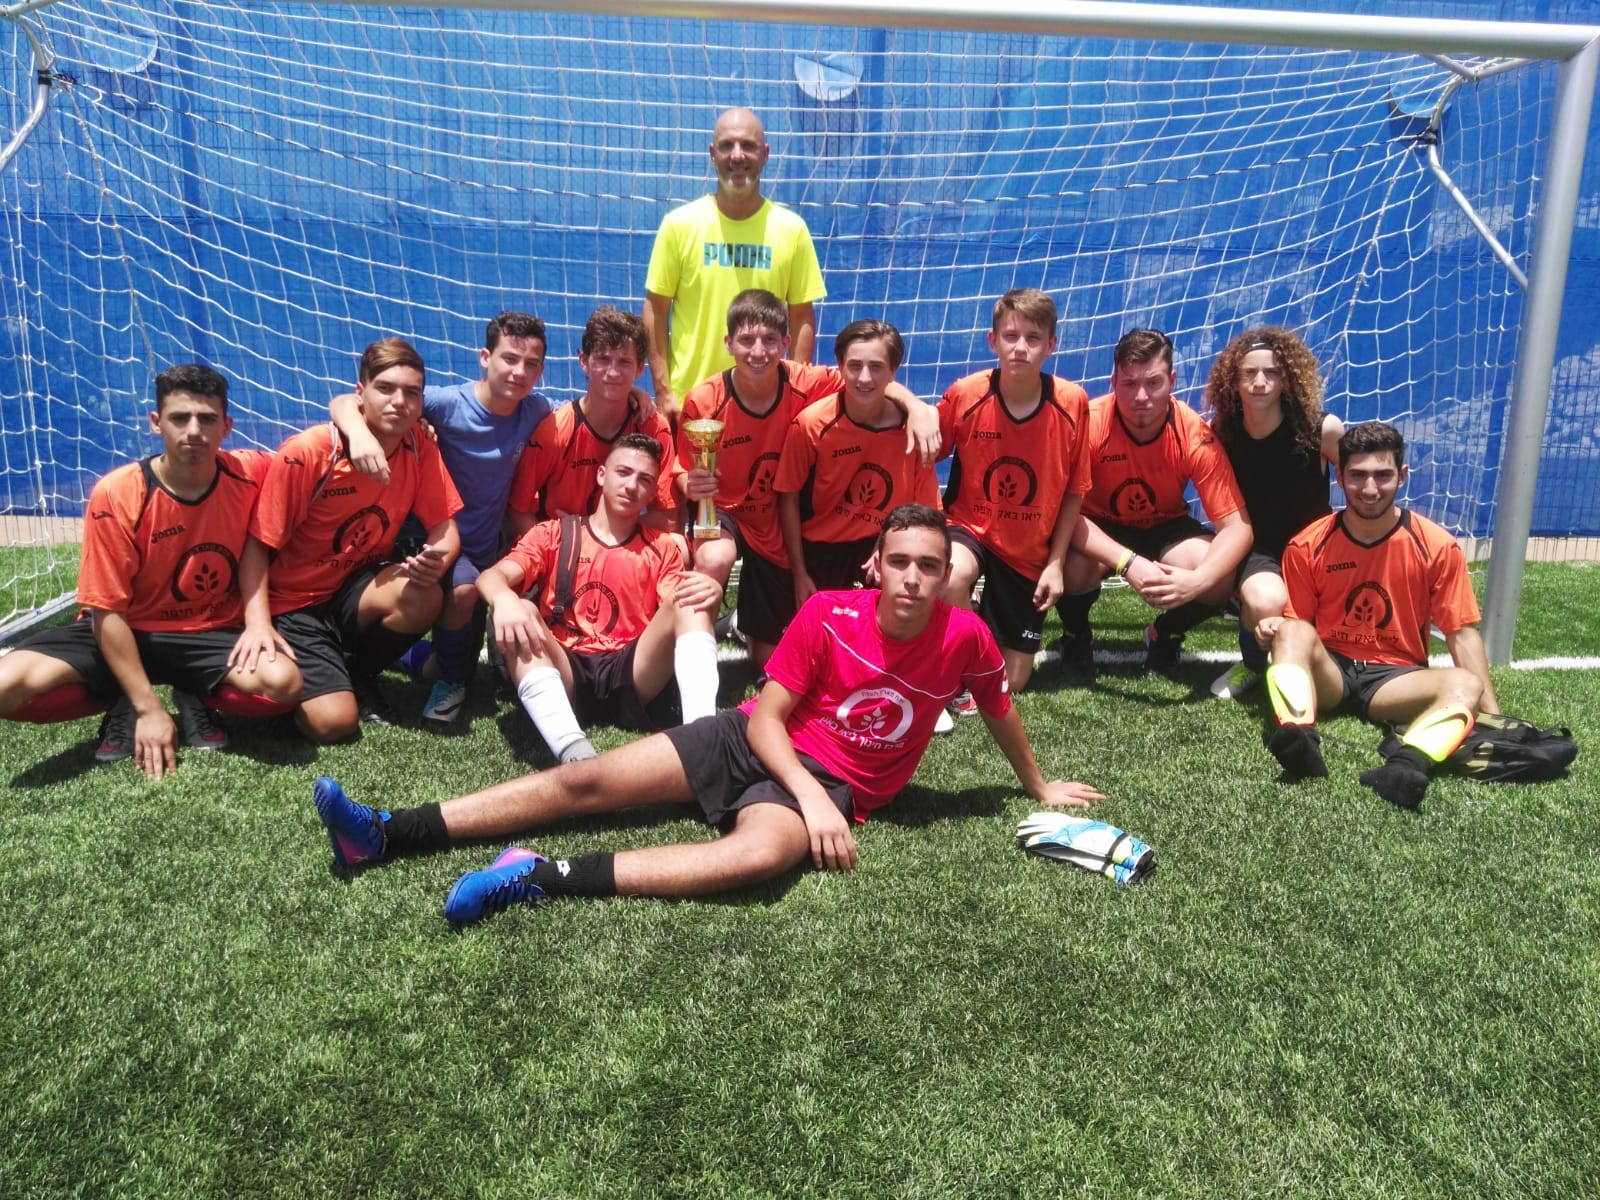 קבוצת הכדורגל של חטיבת הנעורים